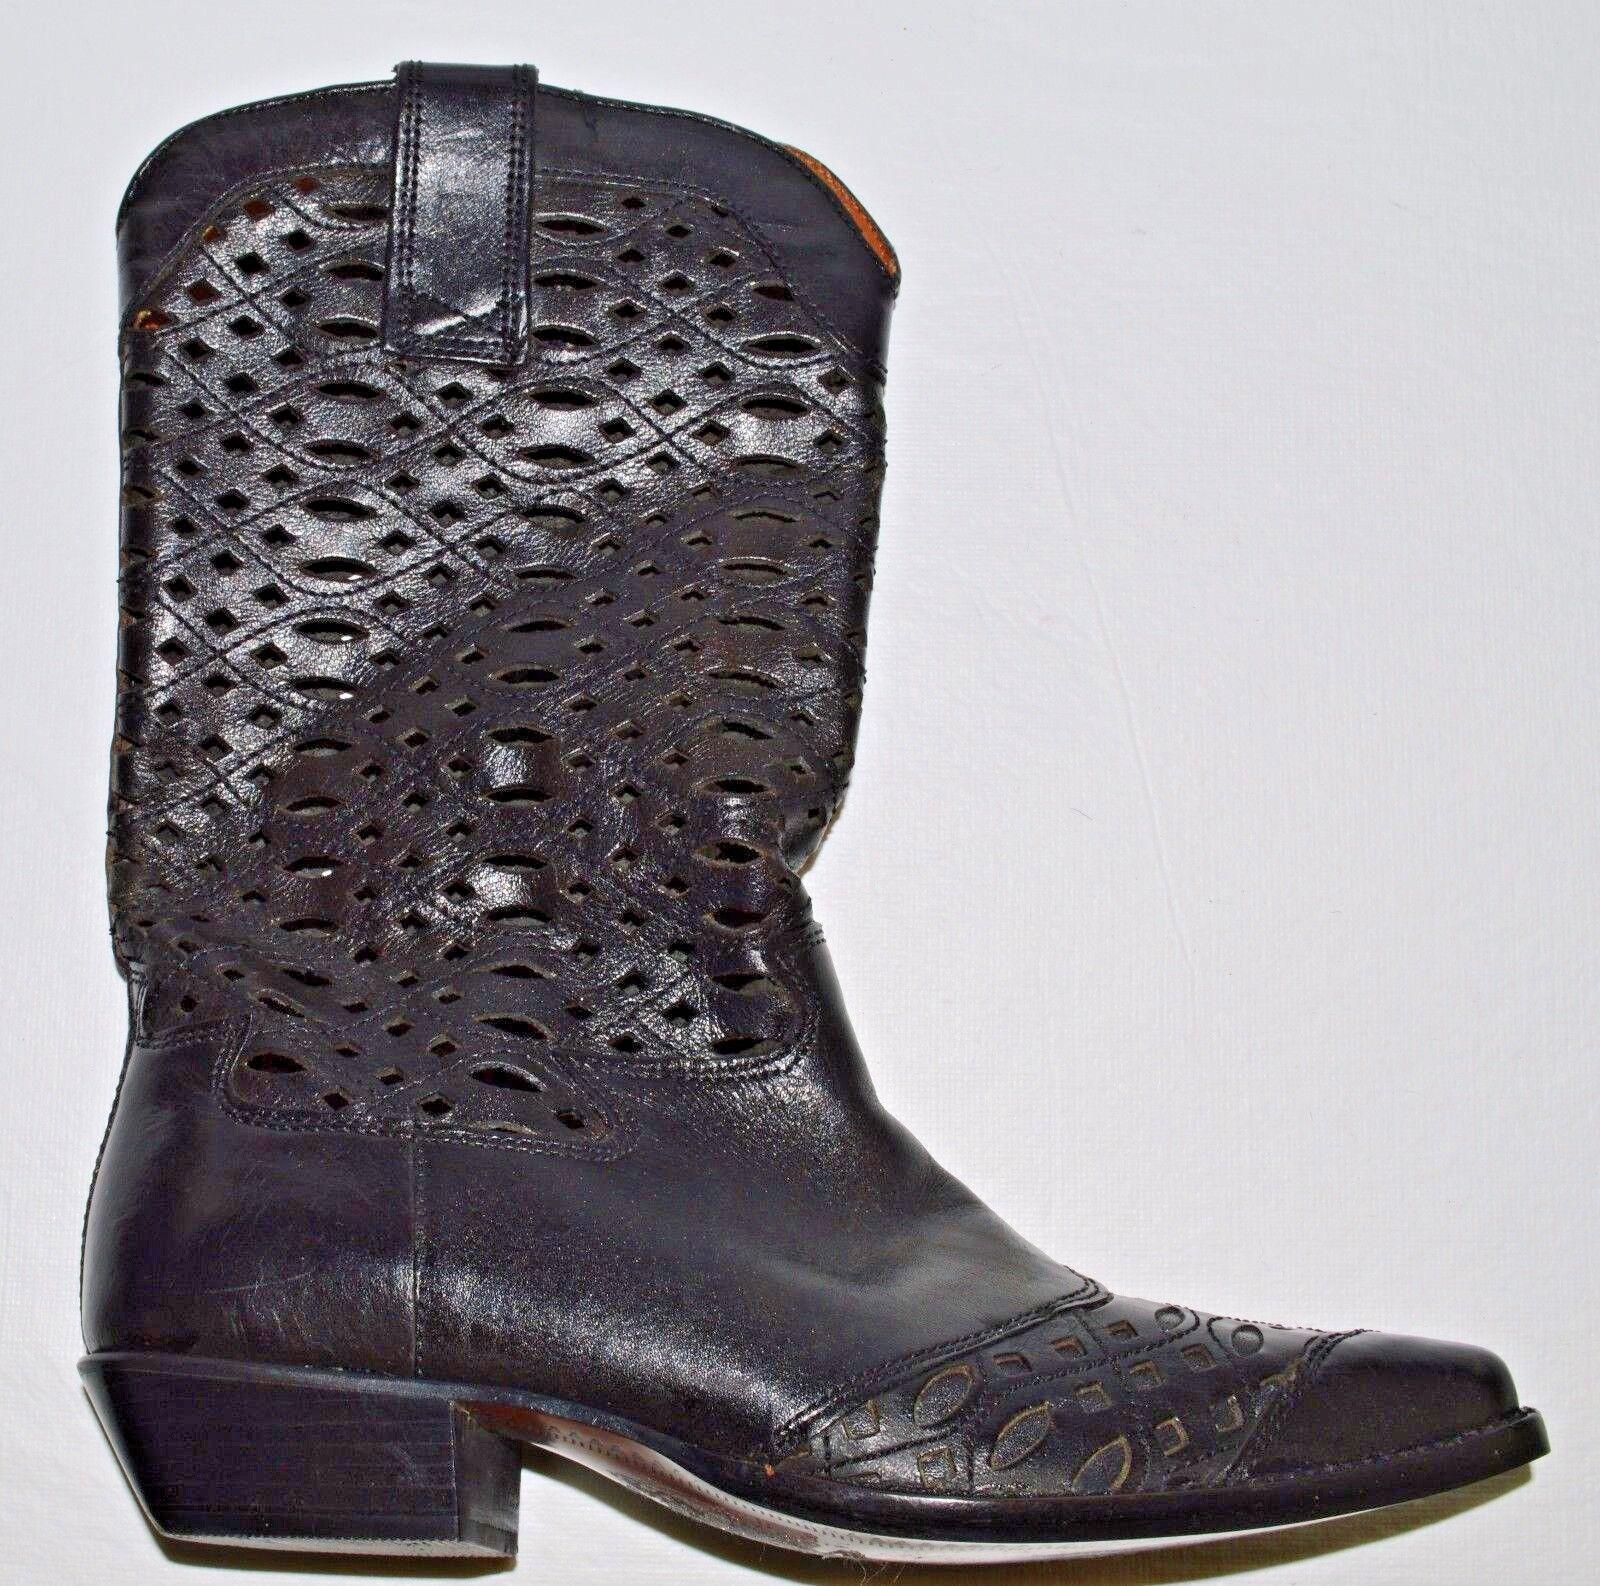 NINE WEST WEST NINE VALENCIA NEW SZ 7.5 M BLACK LEATHER WESTERN COWBOY FASHION Stiefel 0d9c1b